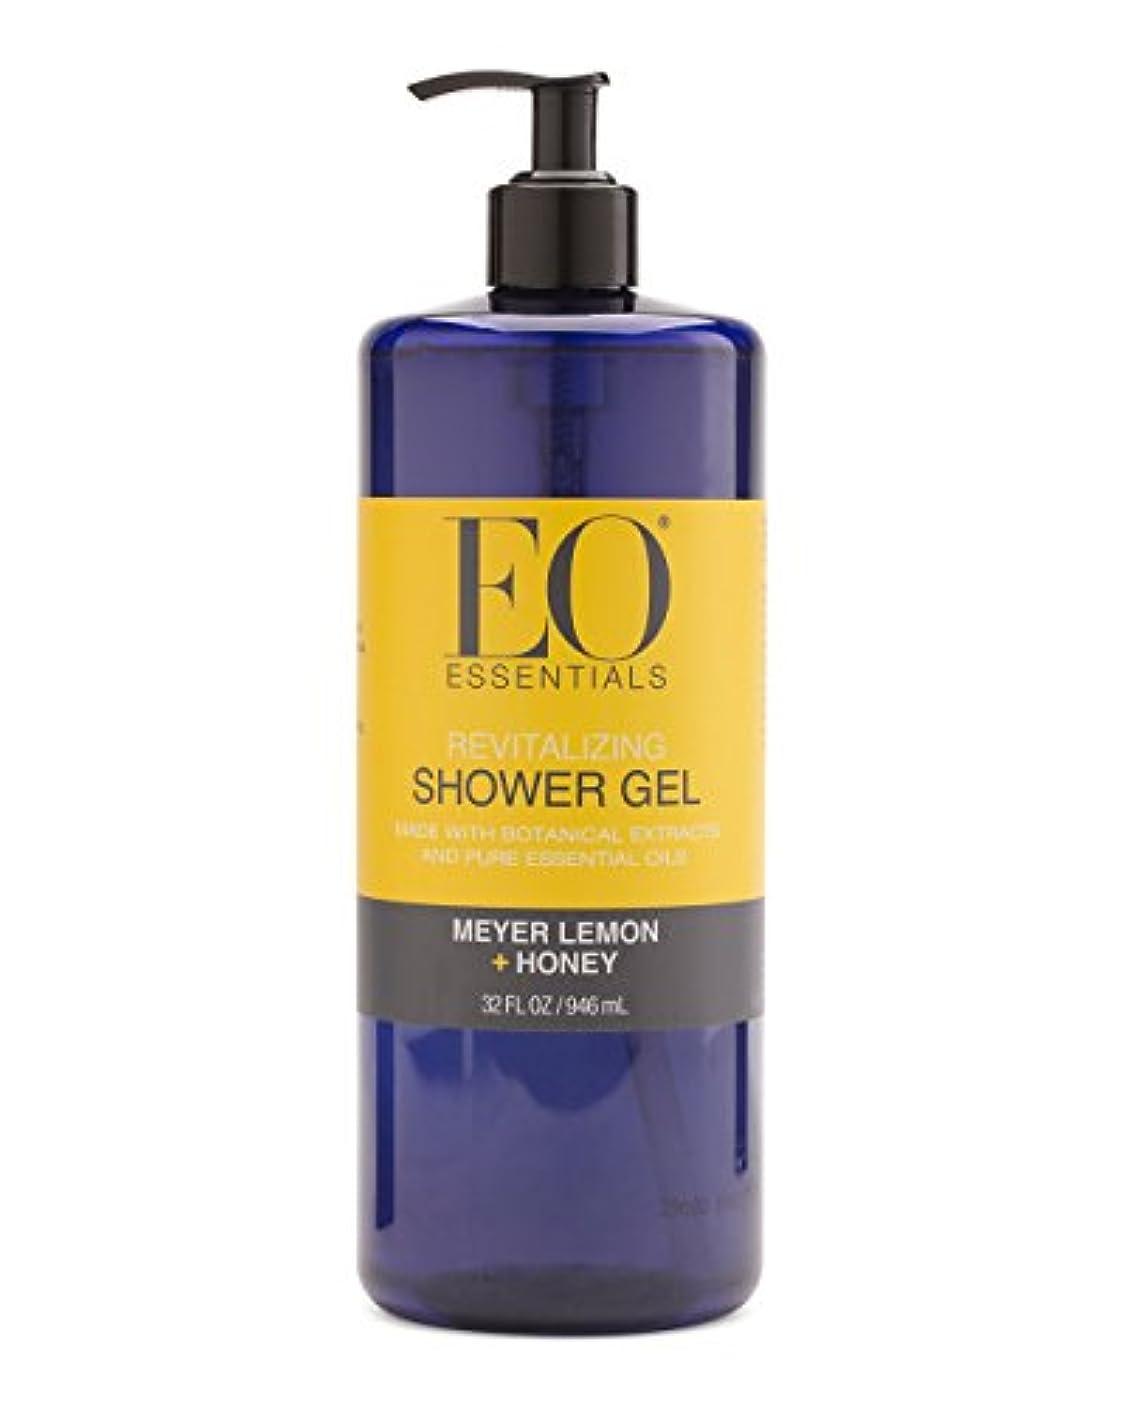 年魅了する愛されし者Meyer Lemon + Honey Shower Gel (32 Oz) by EO Essentials [並行輸入品]